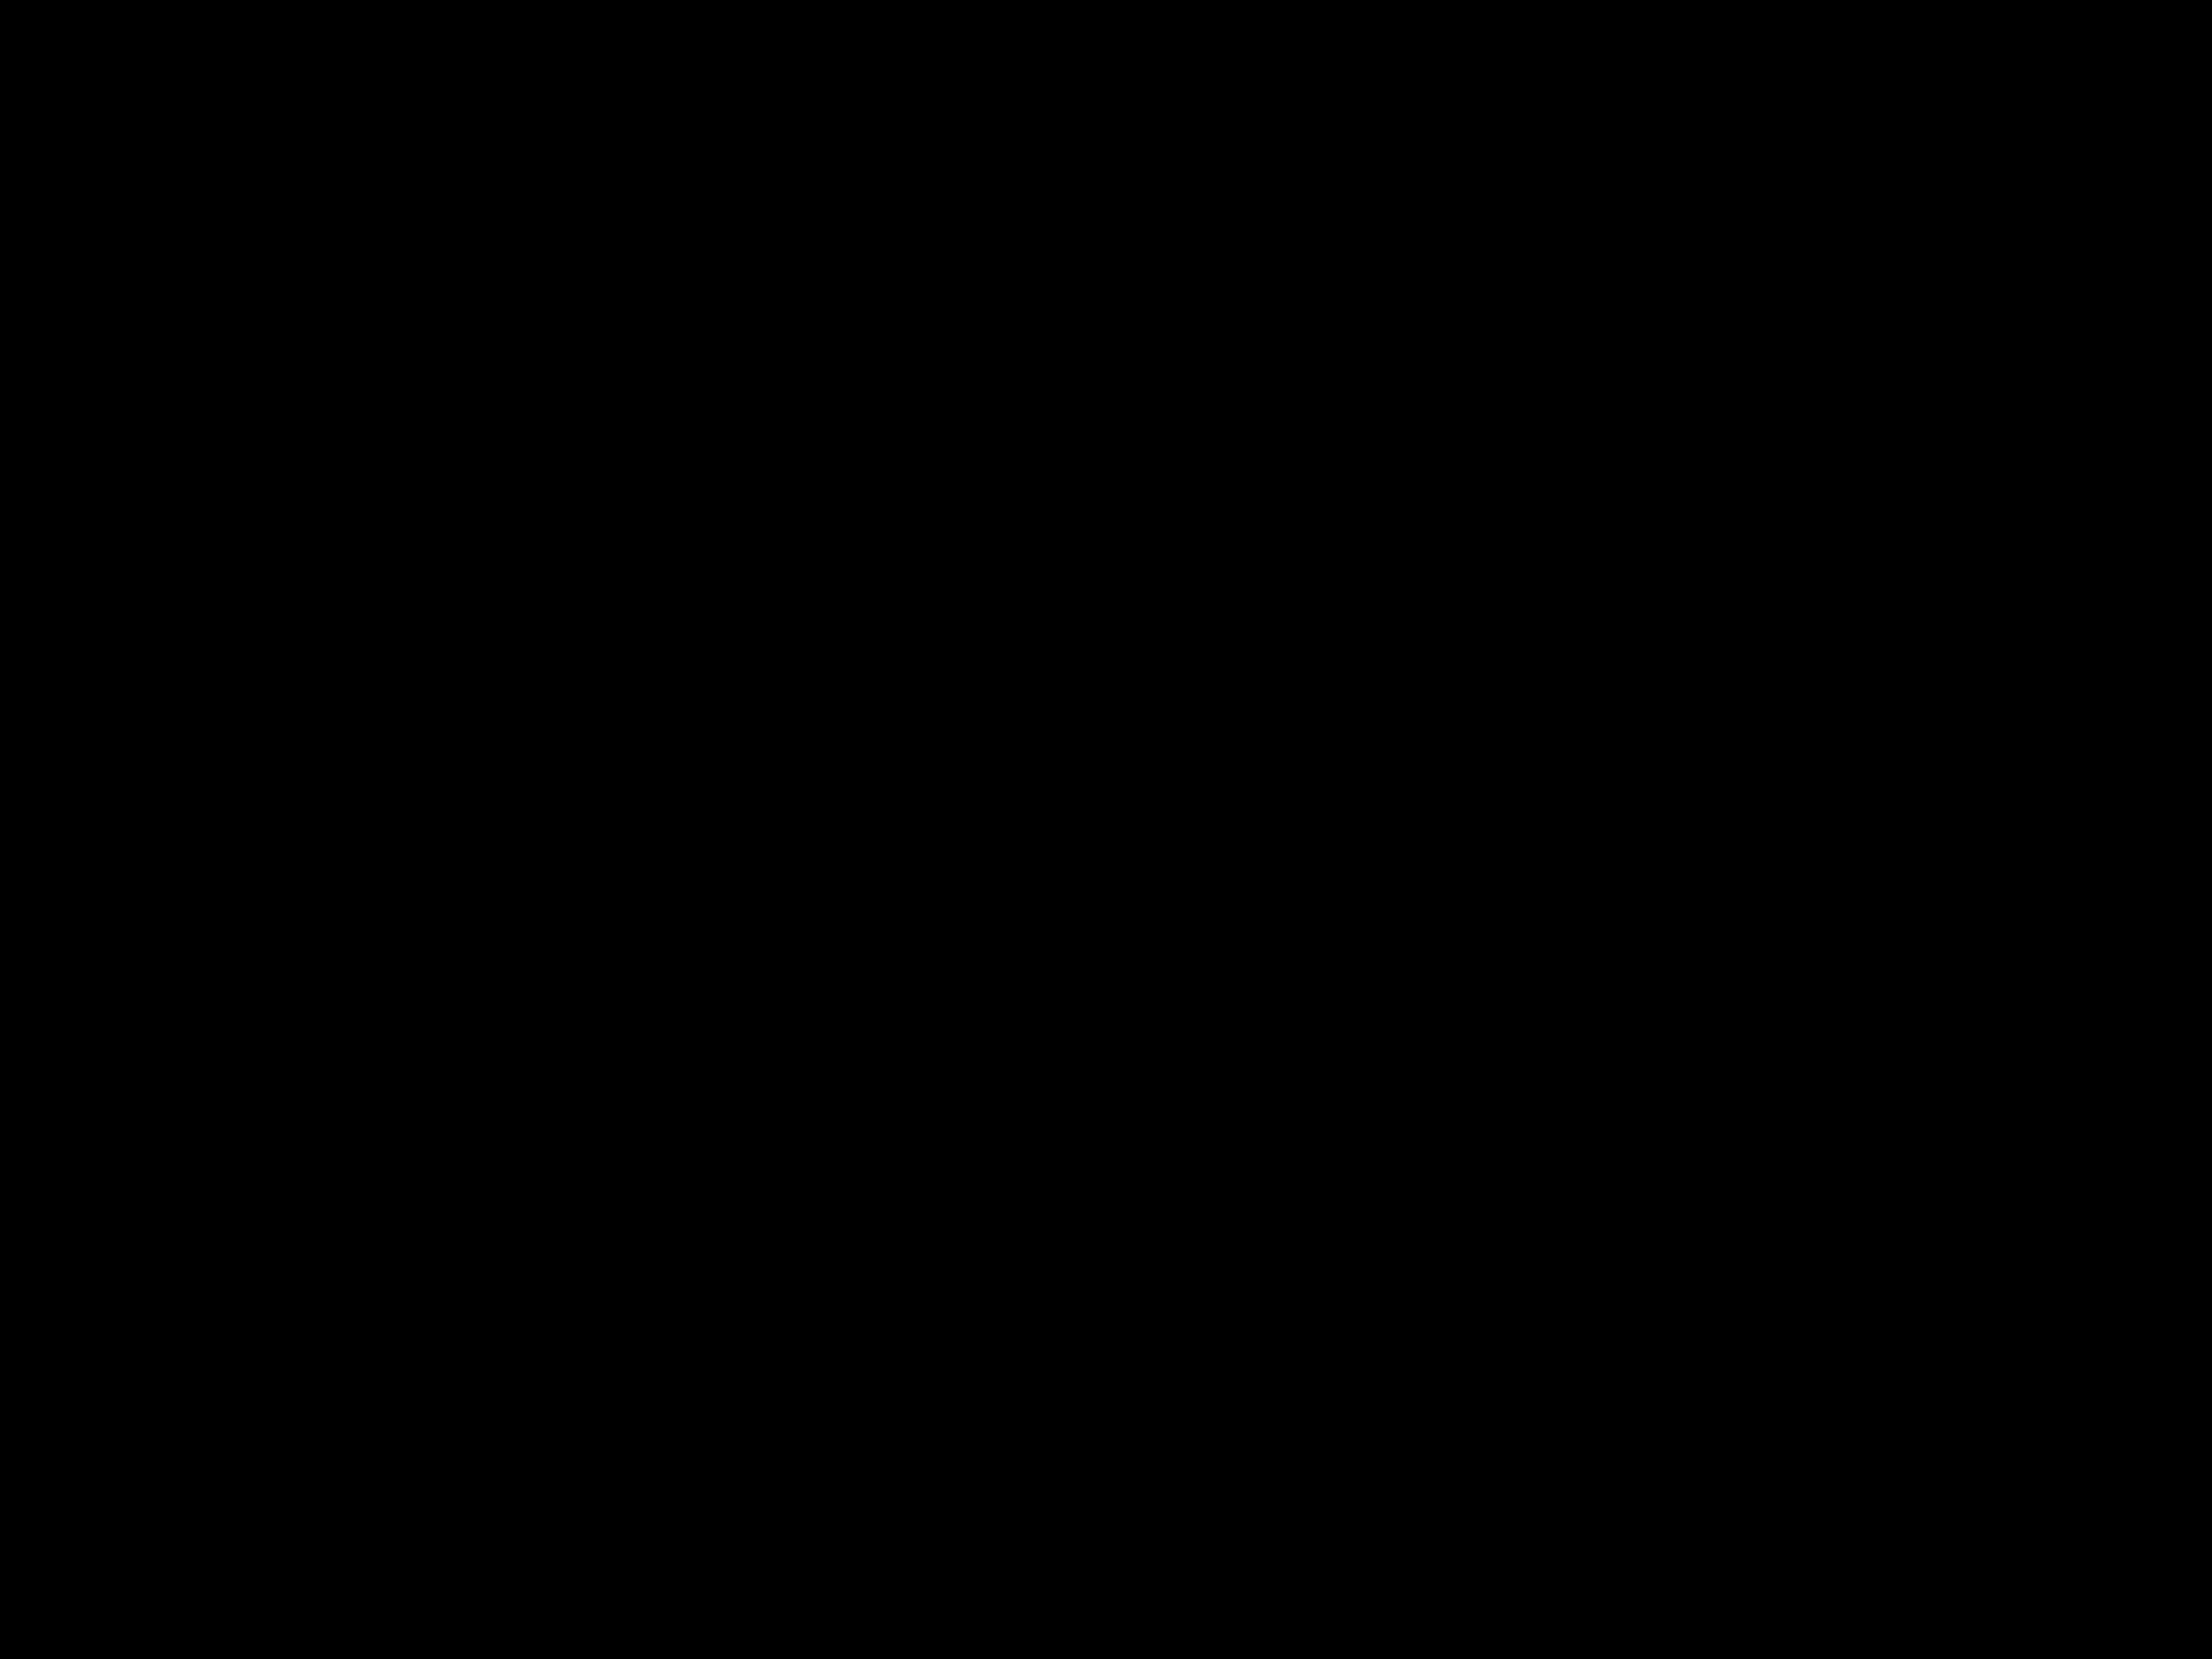 DSCN2167